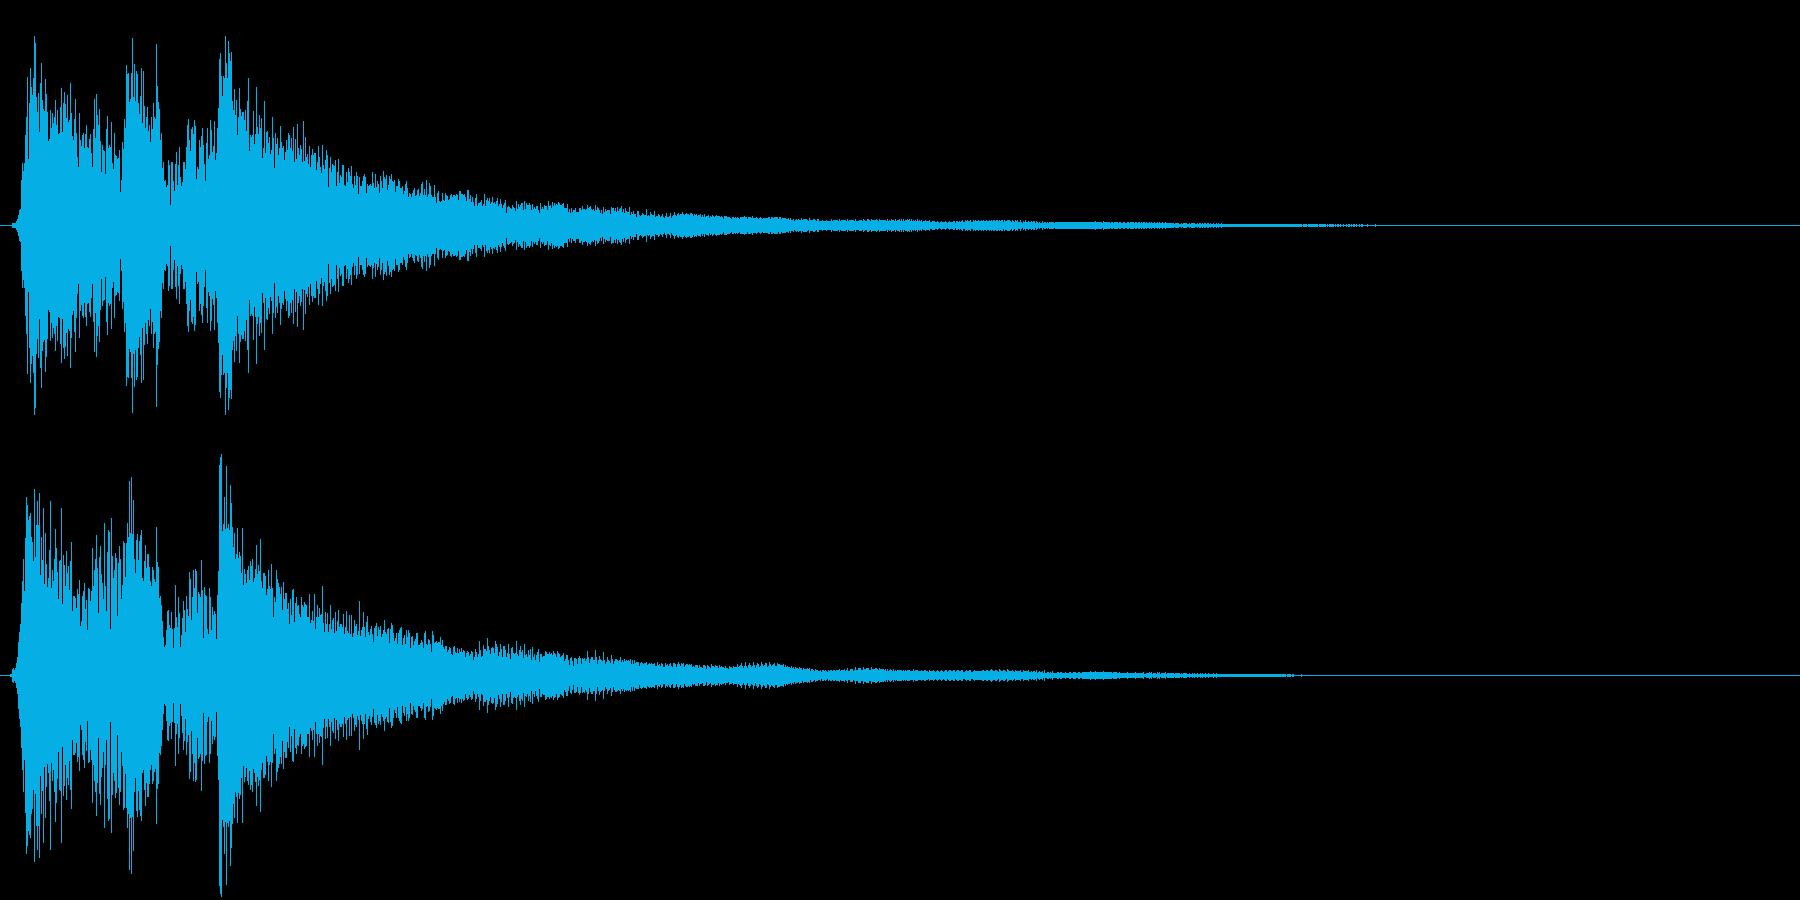 アコギ、爽やかなサウンドロゴ・ジングルの再生済みの波形